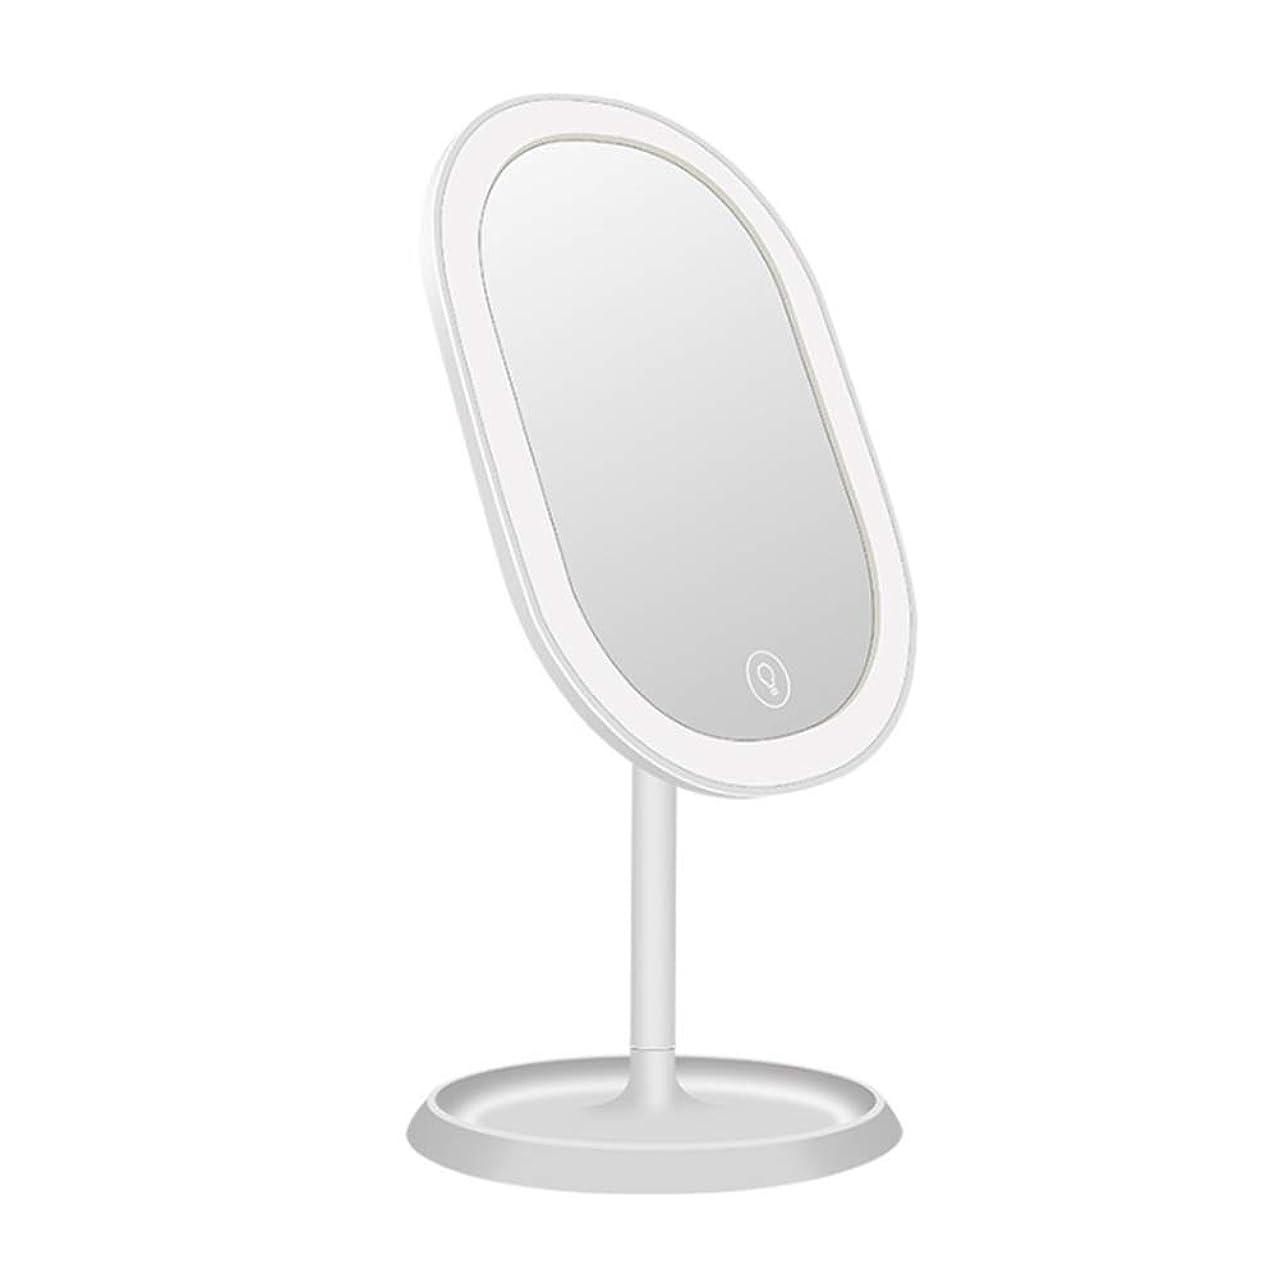 どこかキャプテン感情化粧鏡 180°調節可能な回転USBの電源を薄暗くするタッチスクリーンが付いているLightsLightedミラーが付いている再充電可能な導かれた虚栄心ミラー (色 : 白, サイズ : Free size)